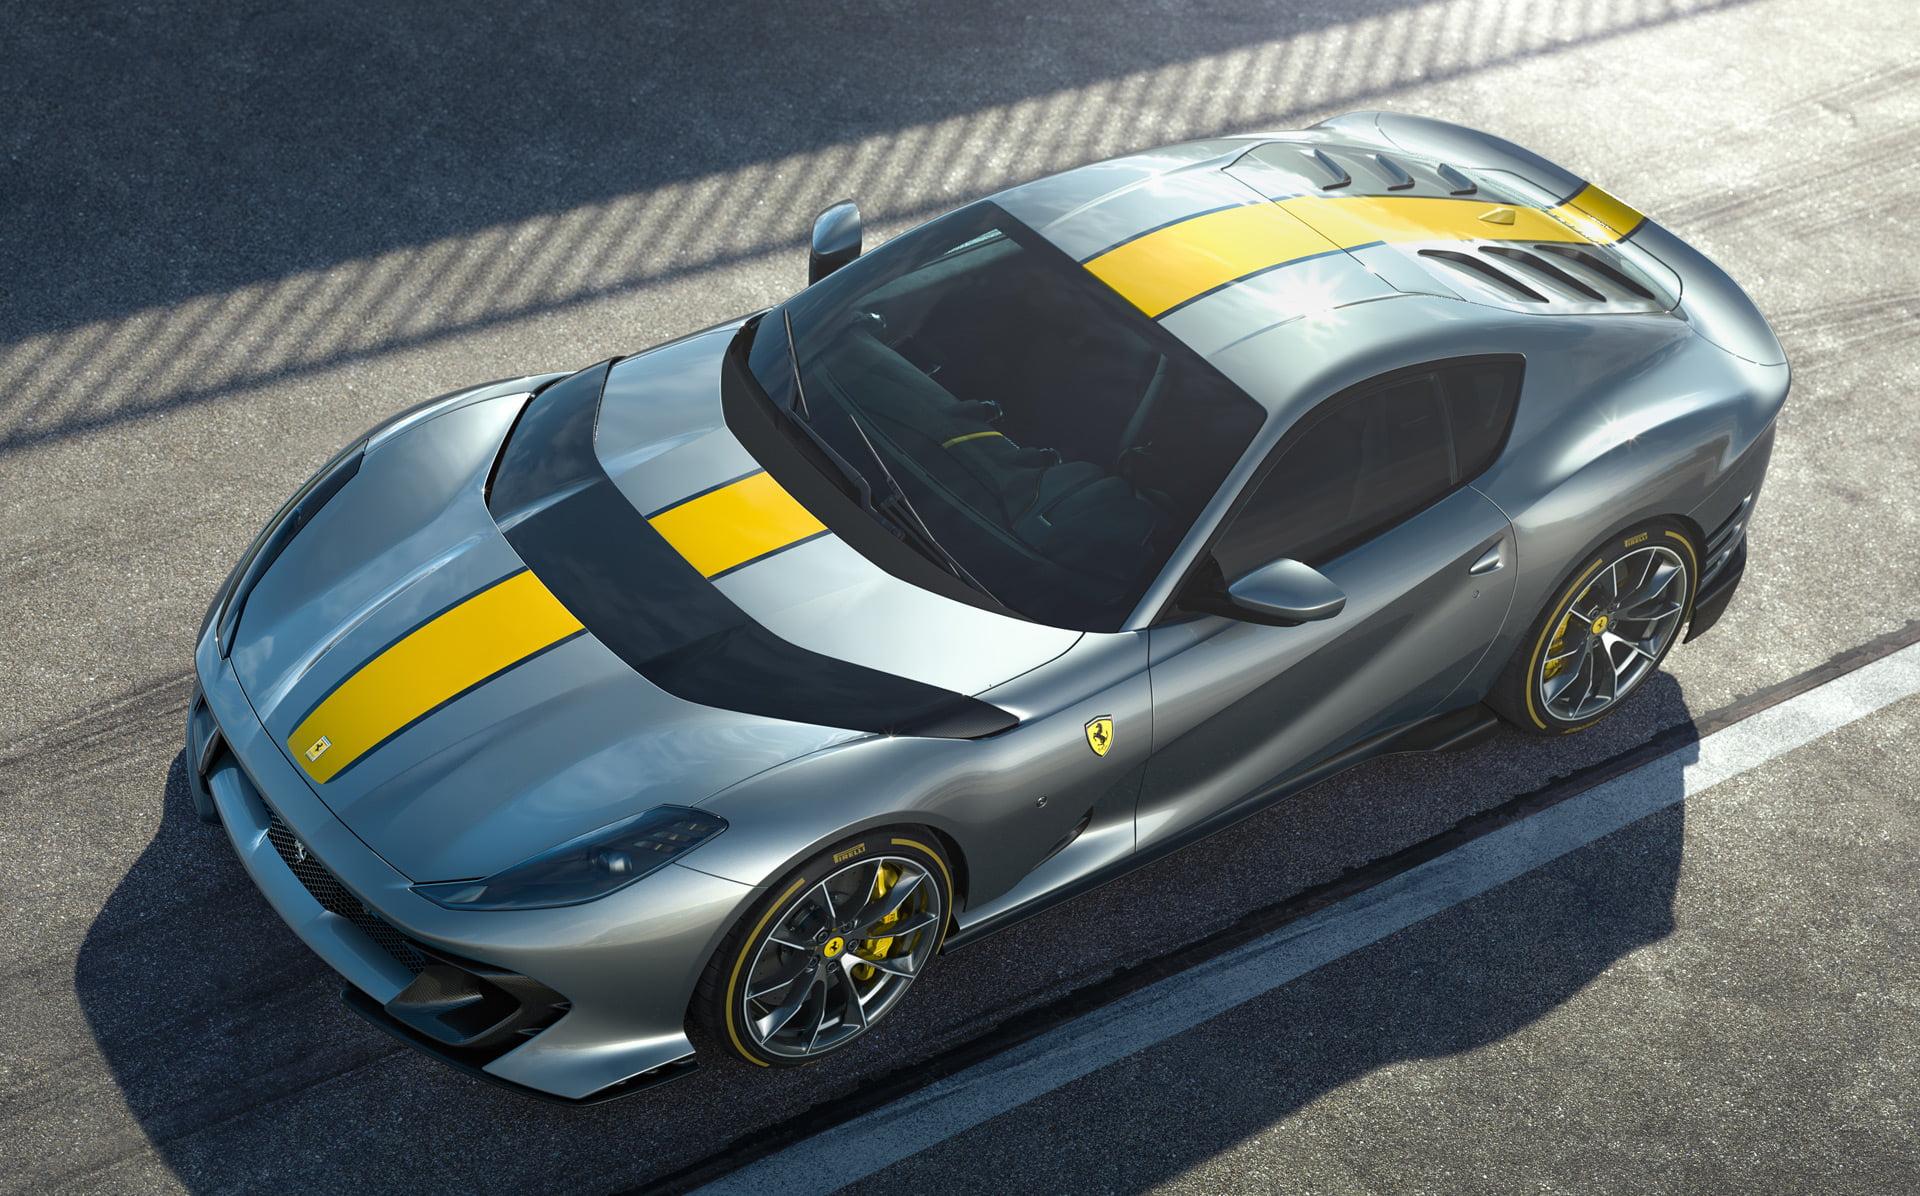 Edición especial Ferrari Hardcore 812 Superfast